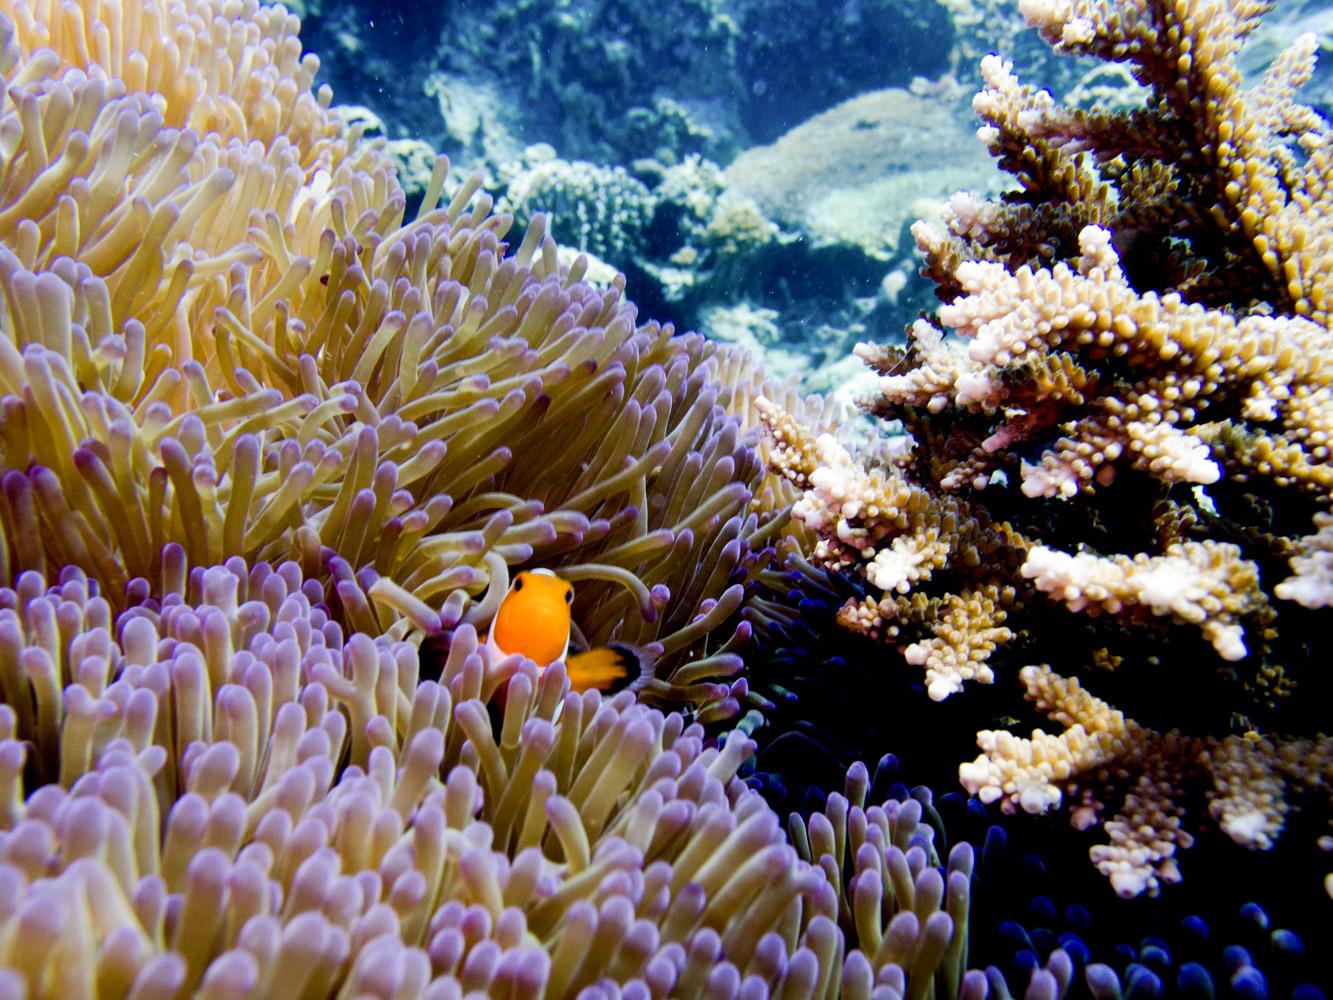 Clownfisch_Anemonenfisch_Nemo_-49